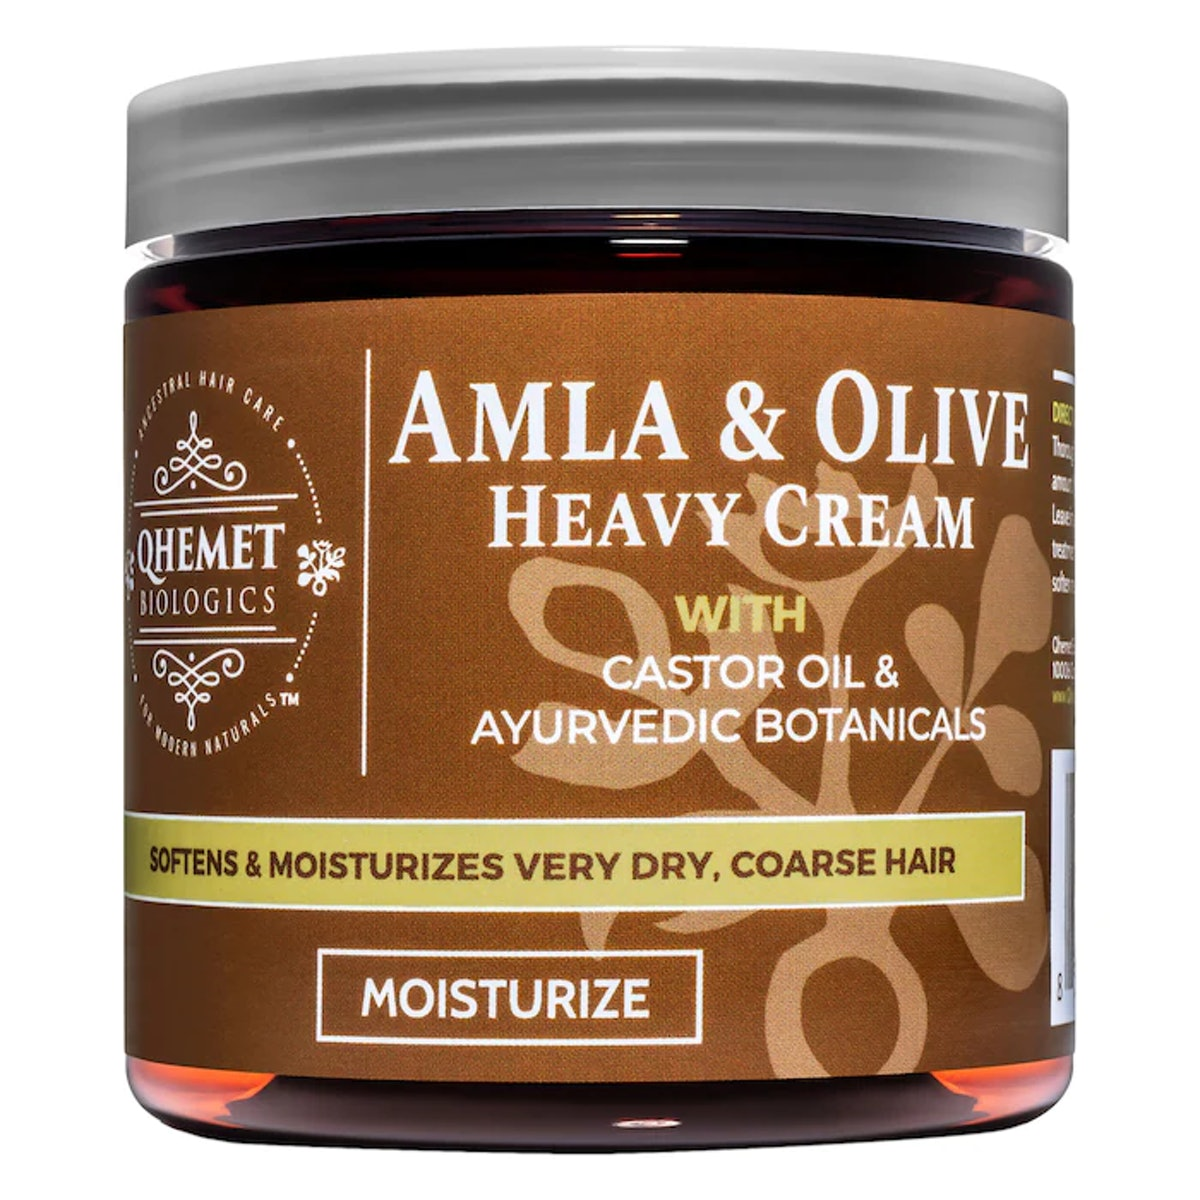 Amla & Olive Heavy Cream